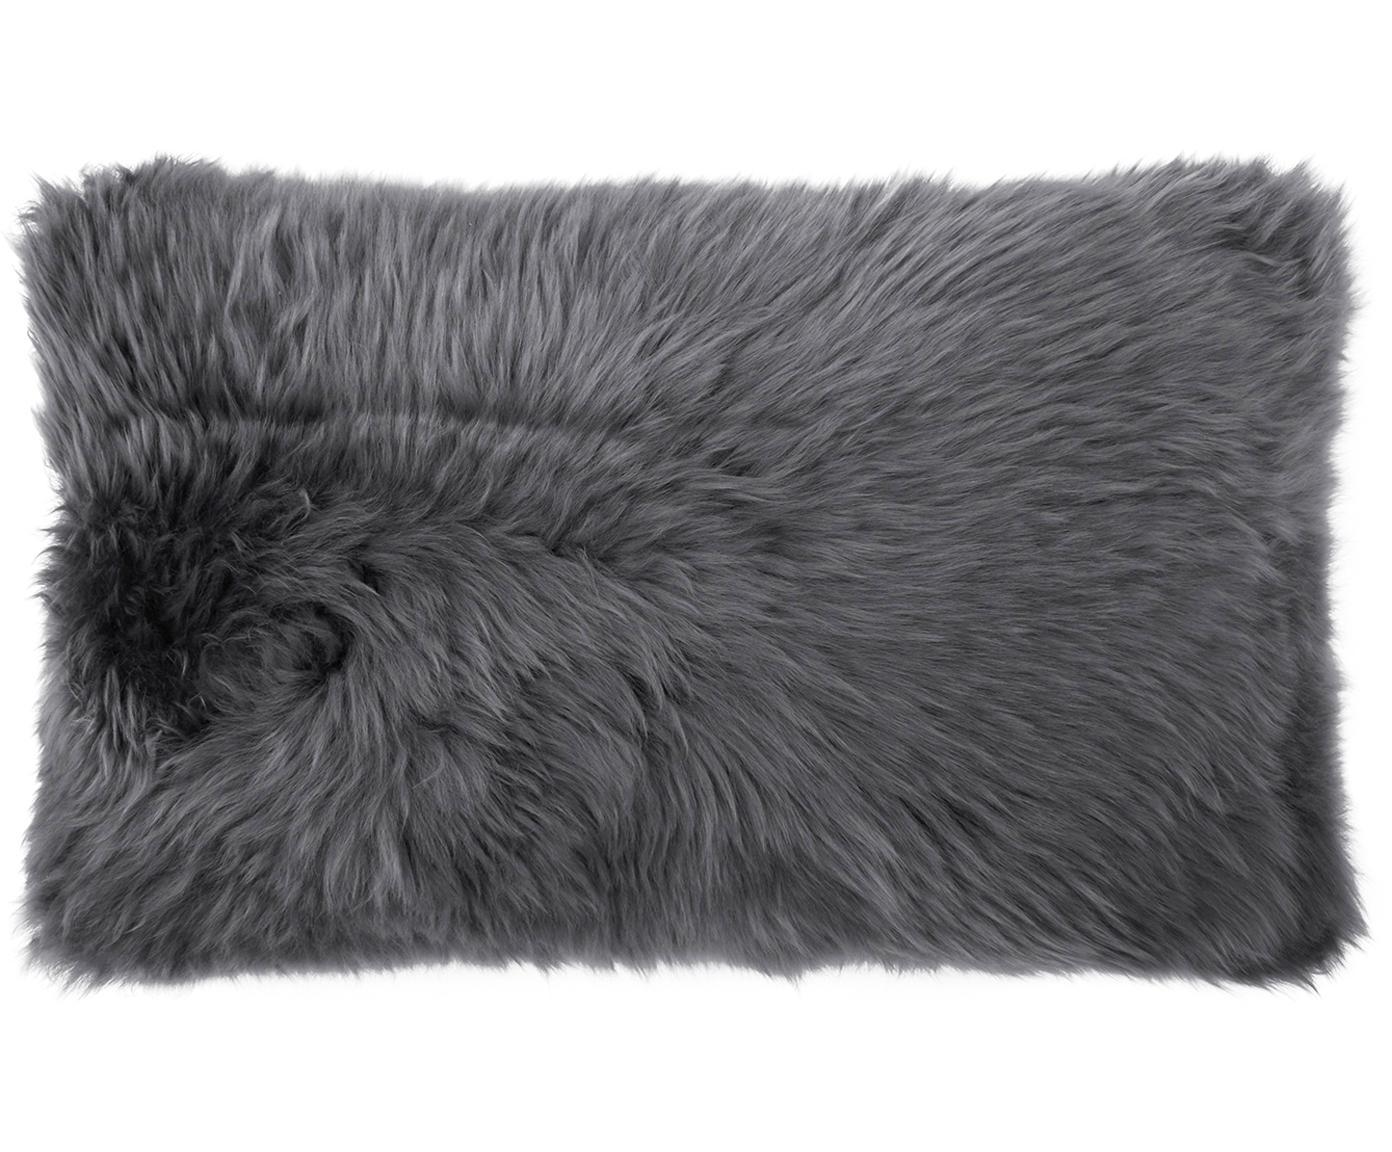 Funda de cojín de piel de oveja Oslo, Parte delantera: piel de oveja, Parte trasera: lino, Parte delantera: gris oscuro Parte trasera: gris oscuro, An 30 x L 50 cm